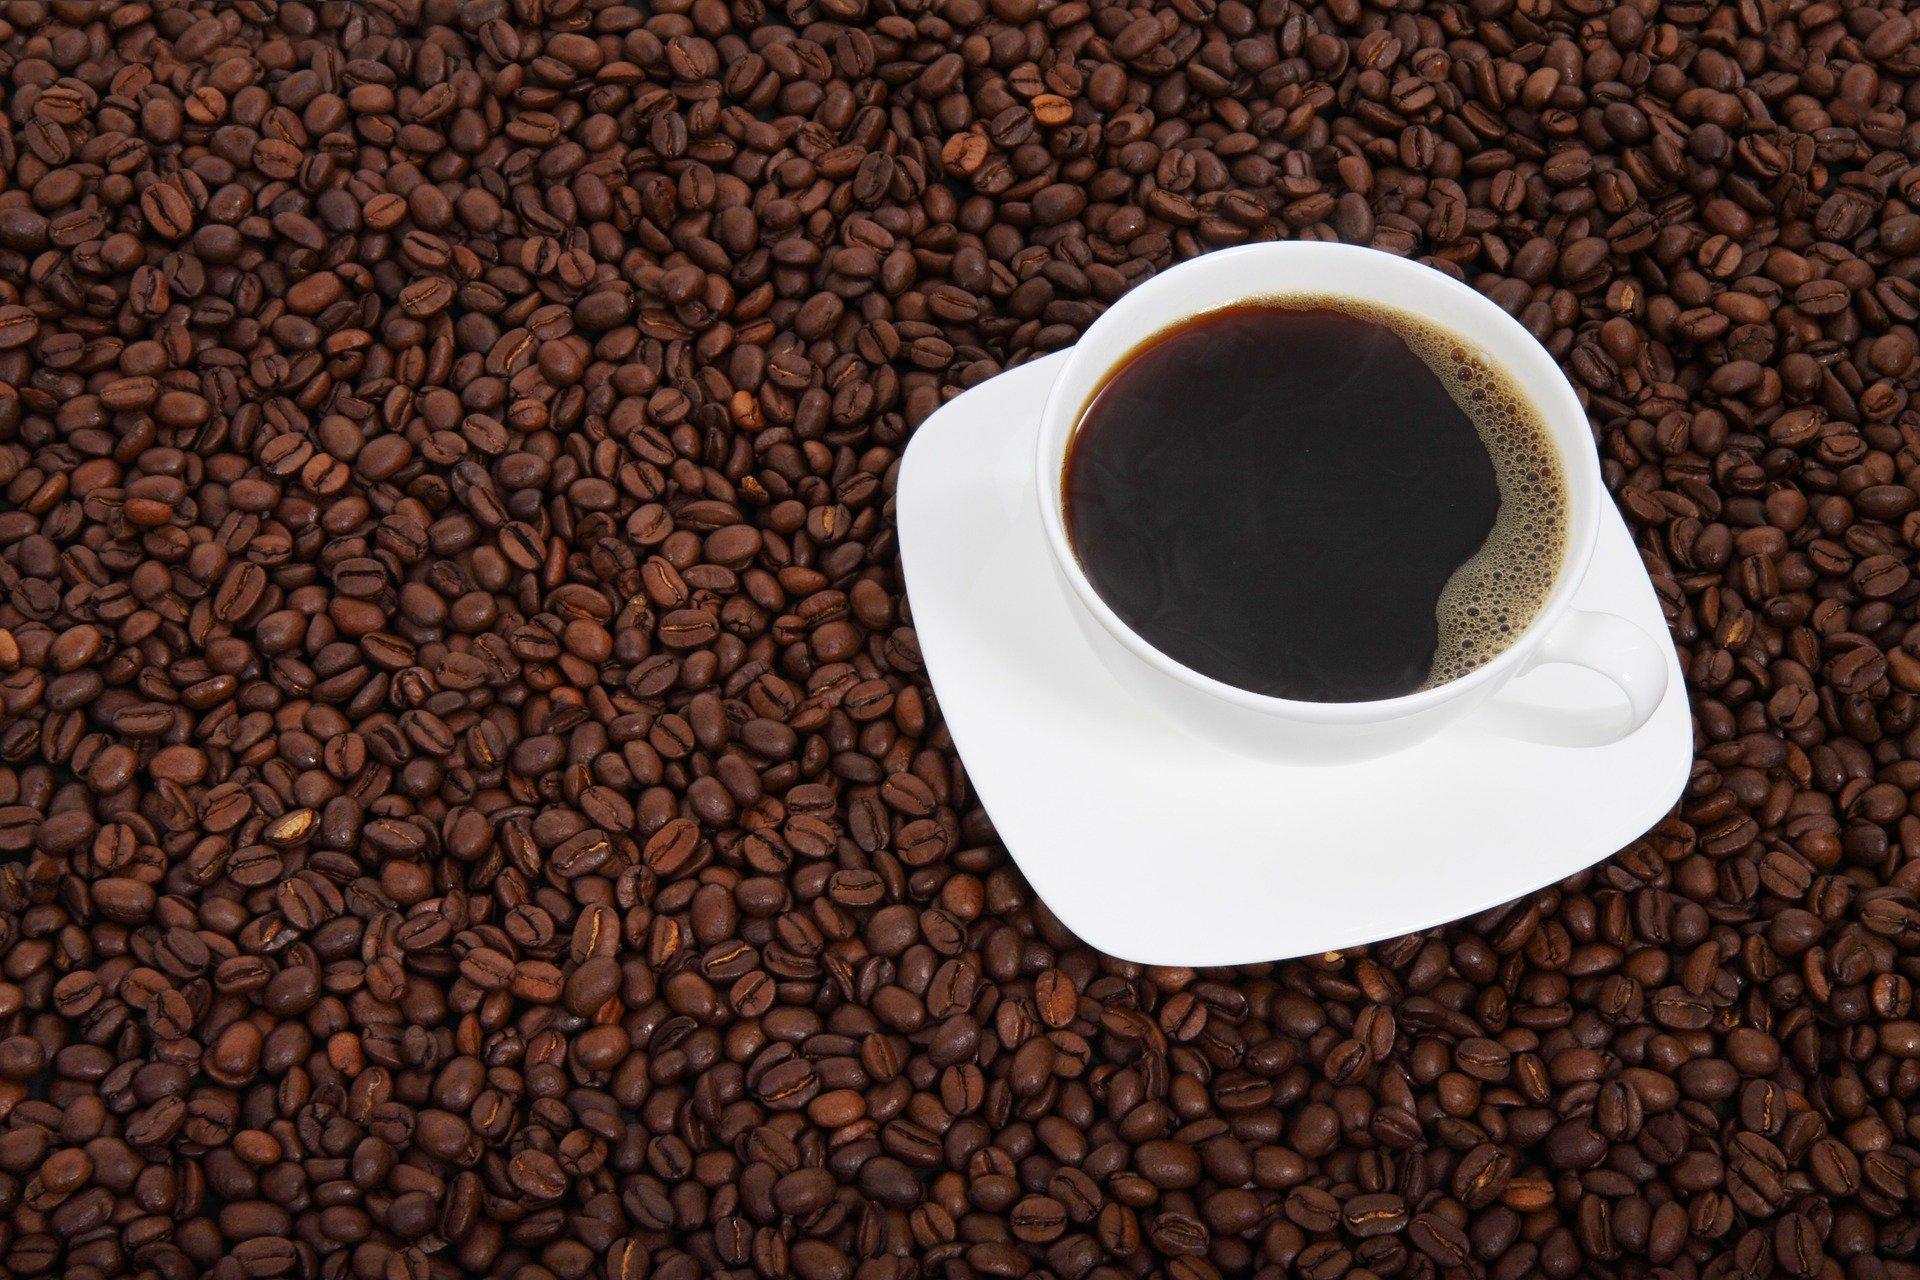 Mastercard y GrainChain se juntan para llevar blockchain a la cadena de suministro de 24 productos básicos como café y granos en el continente americano